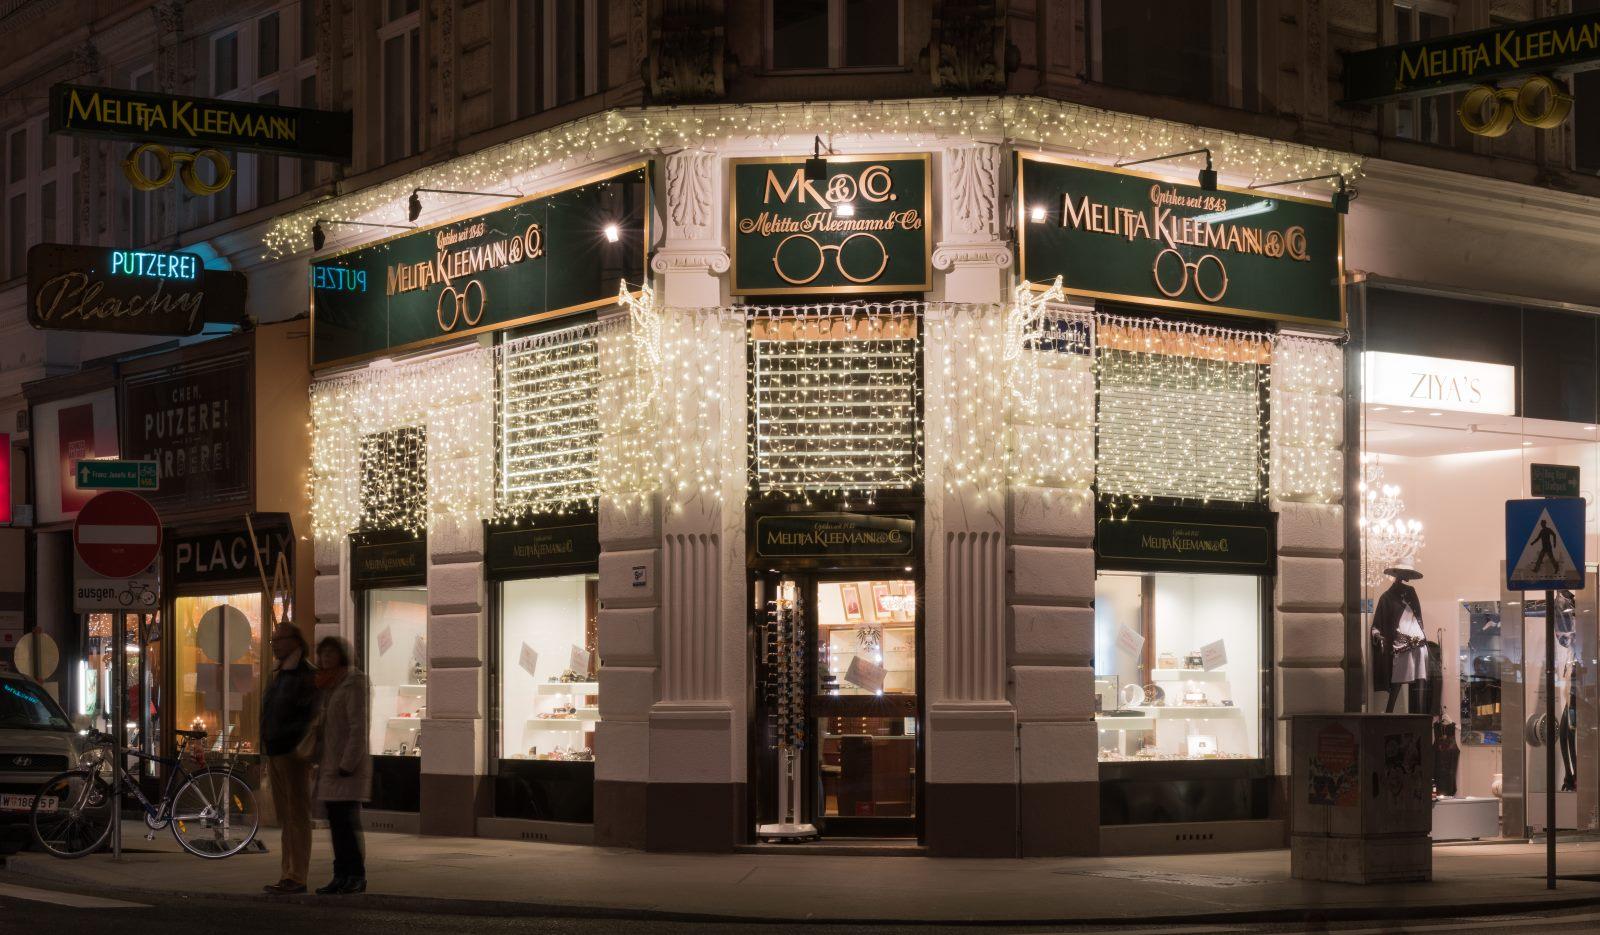 Außergewöhnliche Weihnachtsbeleuchtung.Weihnachten Zur Sommerzeit Im Geschäft